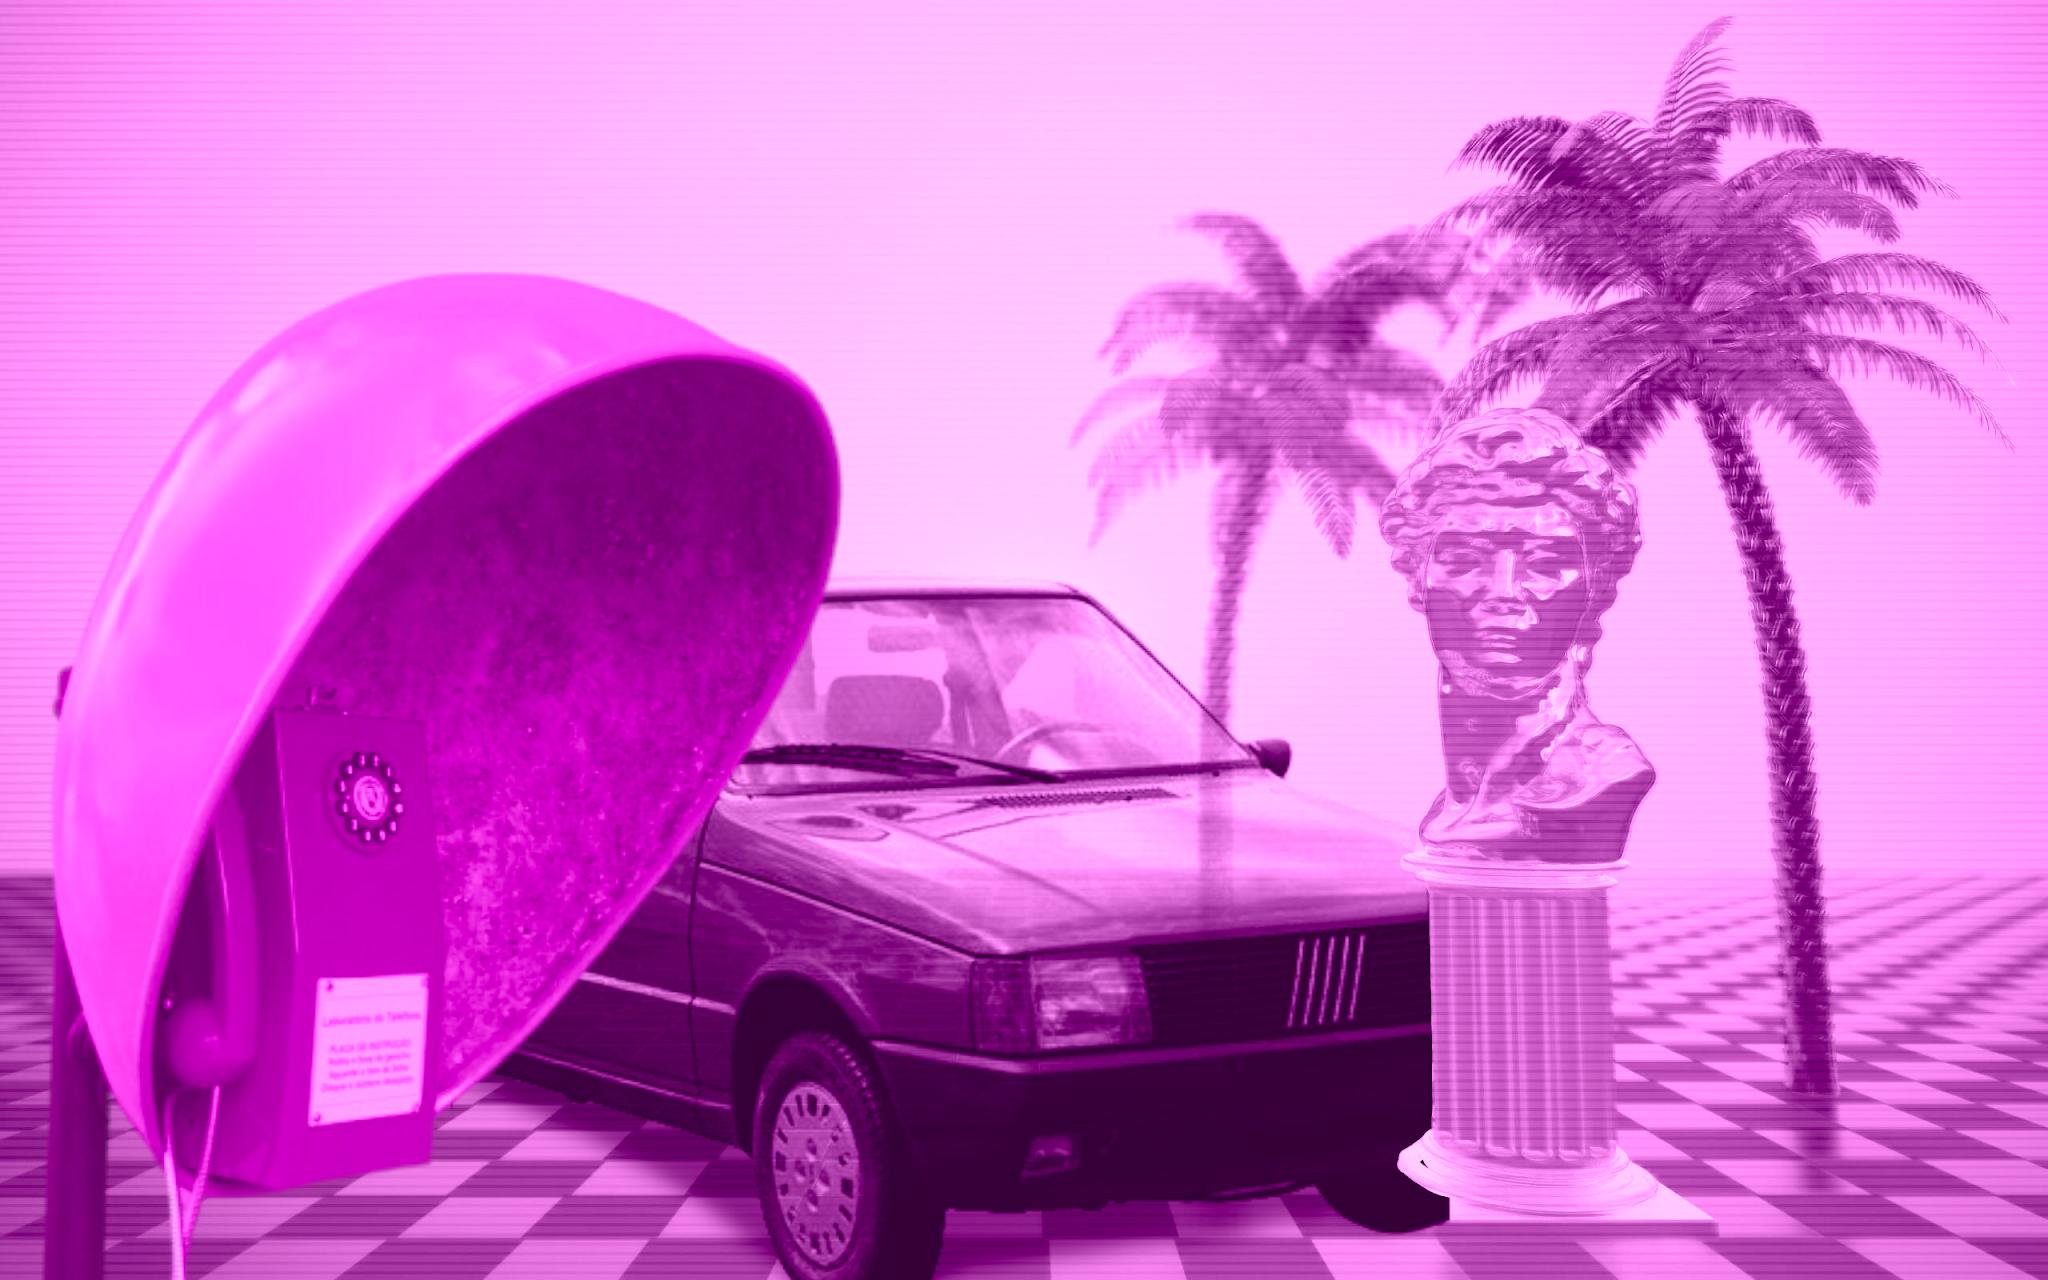 um carro velho, um orelhão, palmeiras, e uma estatua